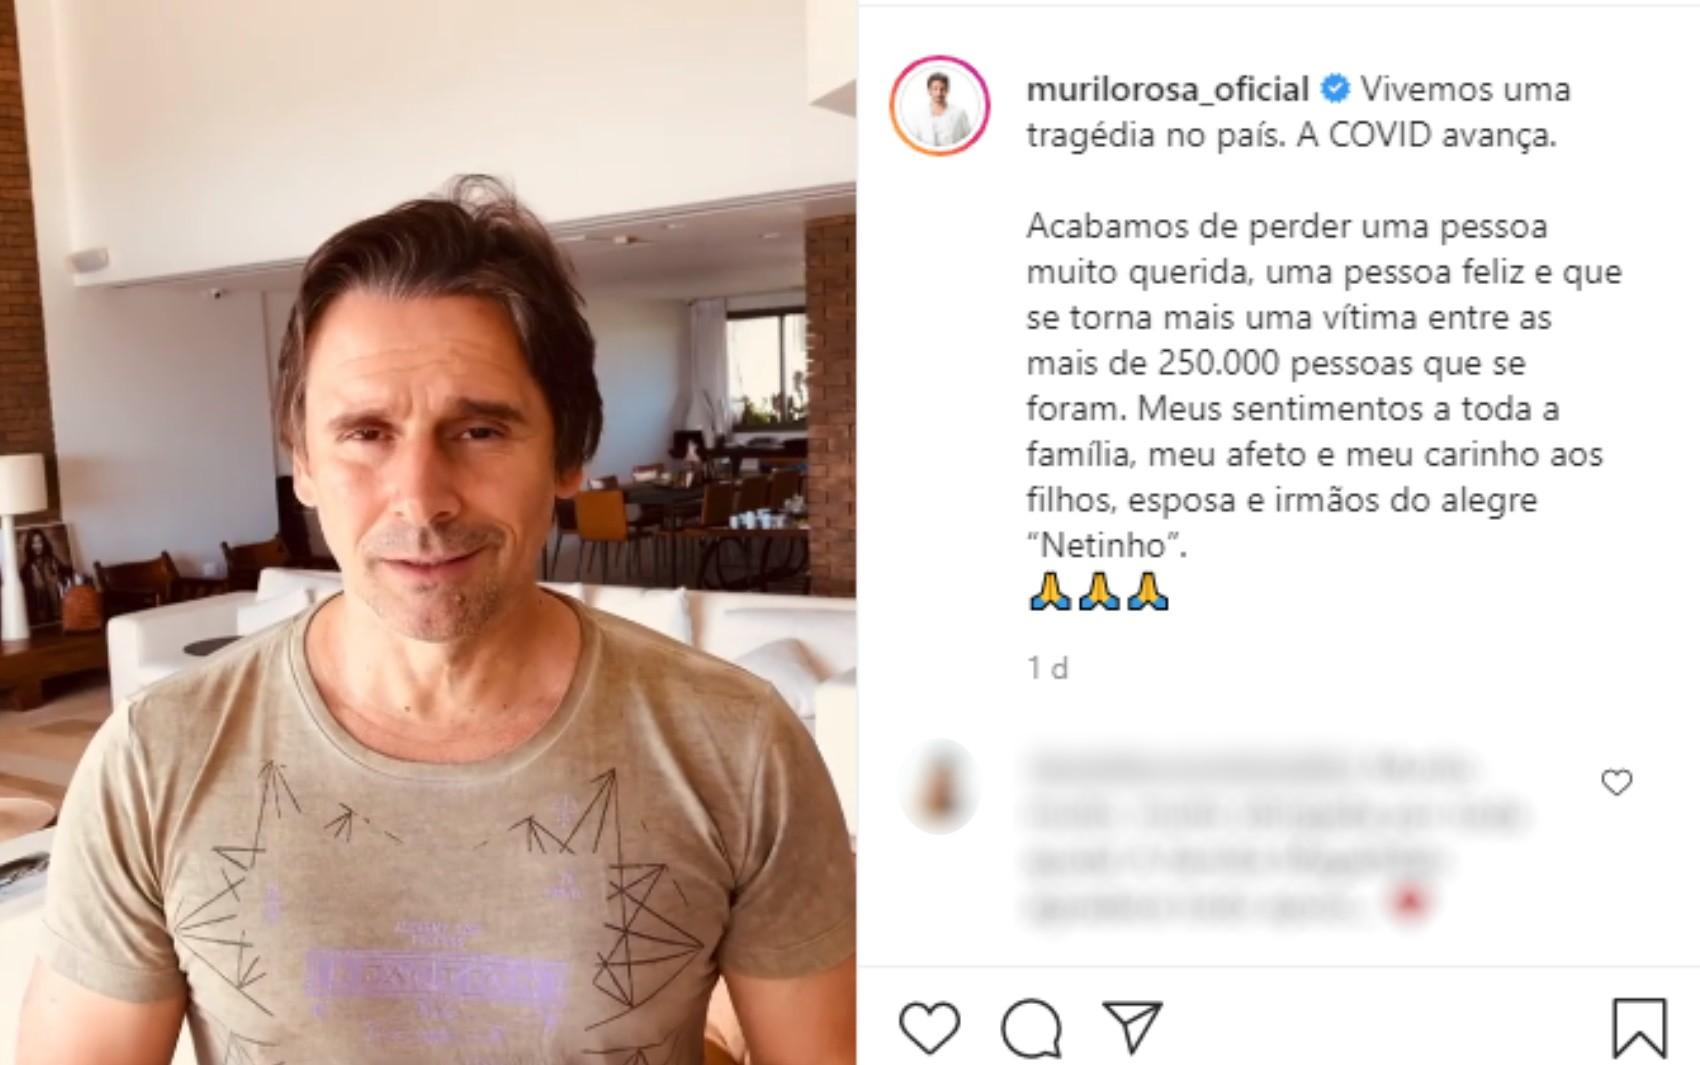 Murilo Rosa diz que tio morreu de Covid-19 em Goiânia e desabafa sobre a pandemia: 'A gente tá vivendo um caos'